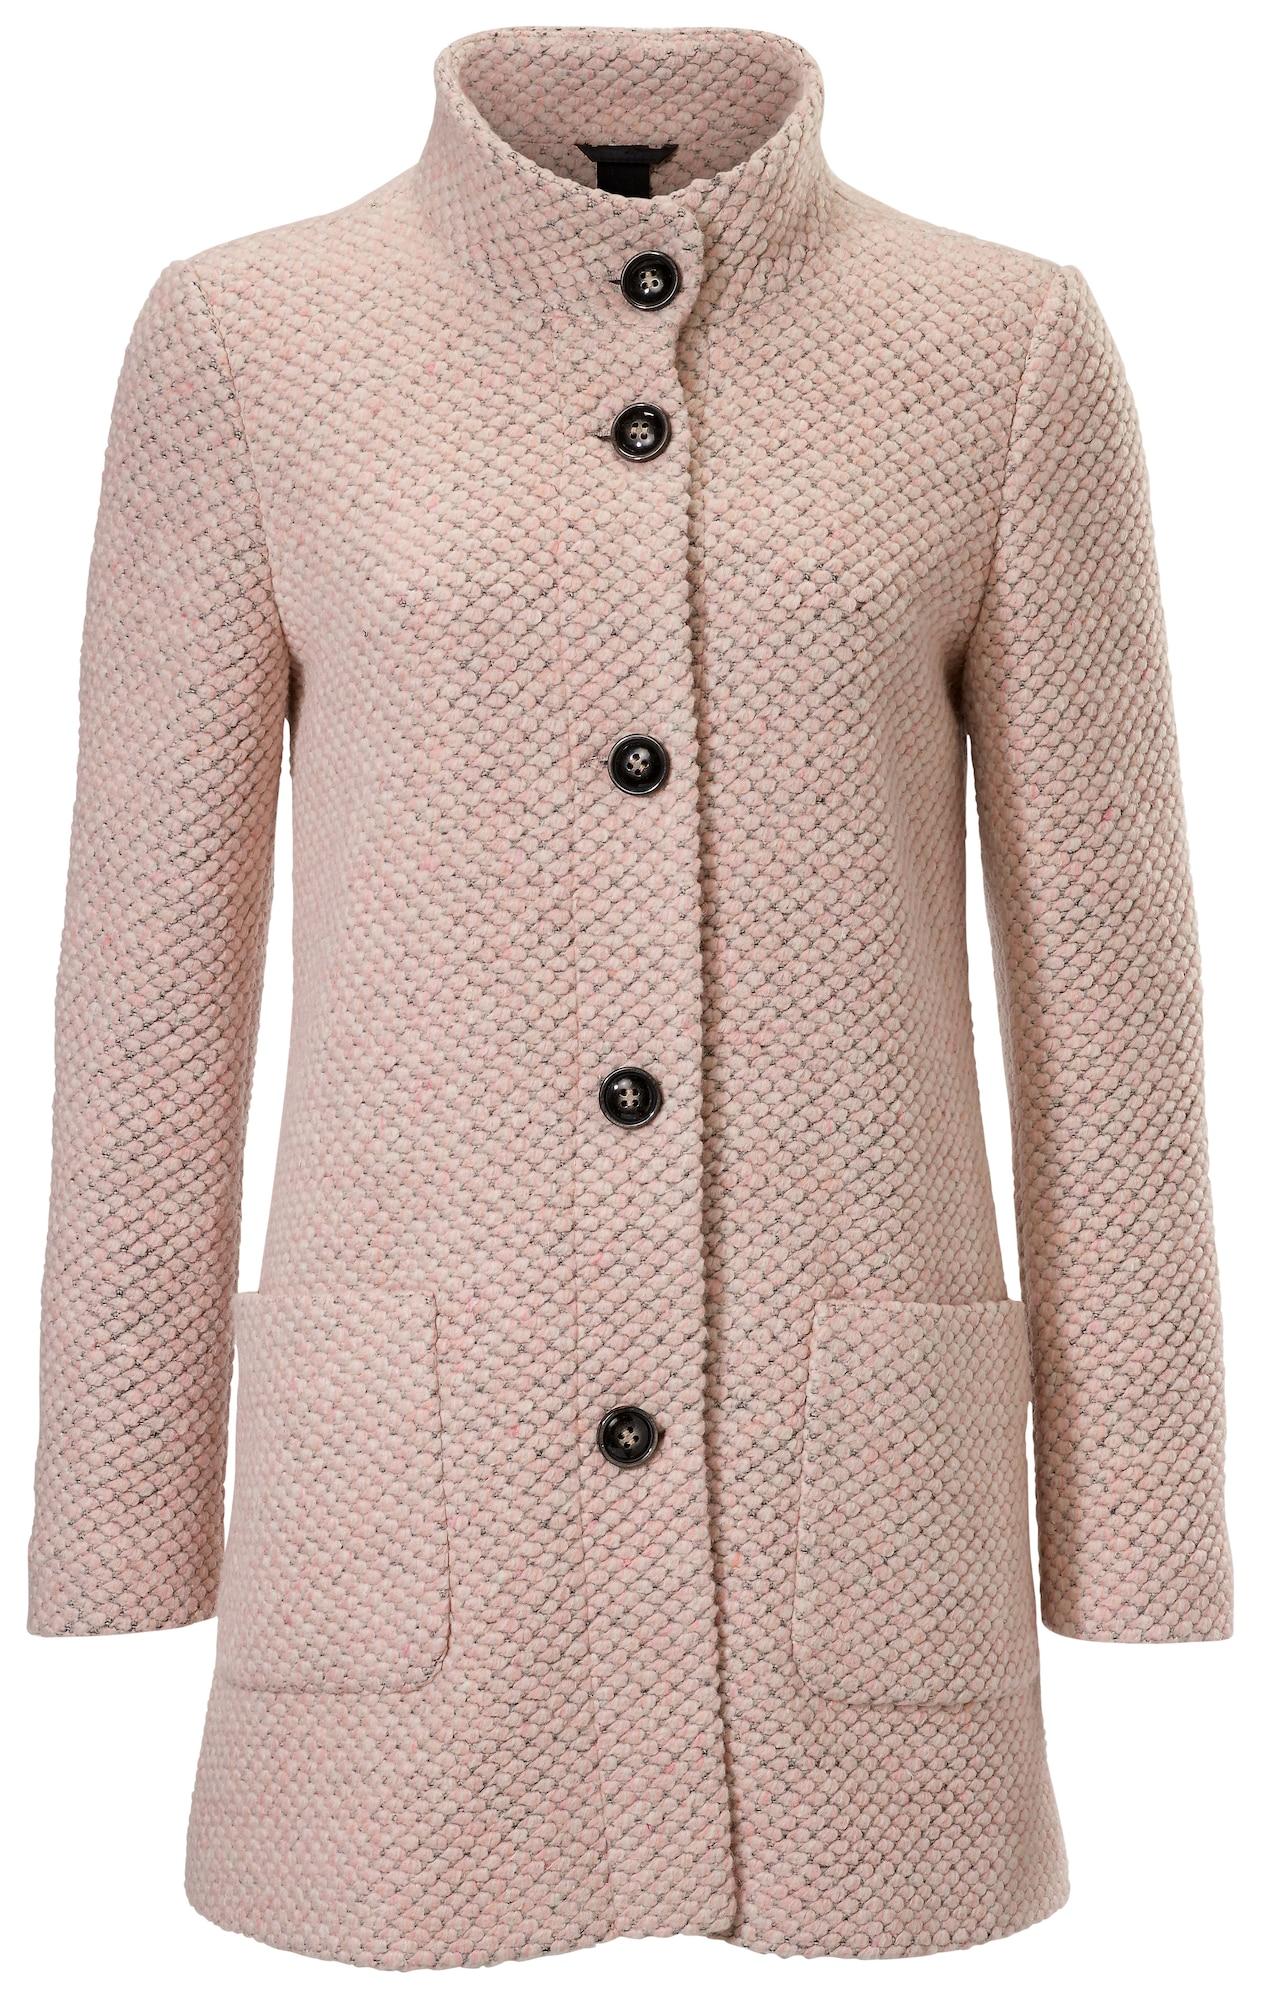 Pletený kabátek růže Heine